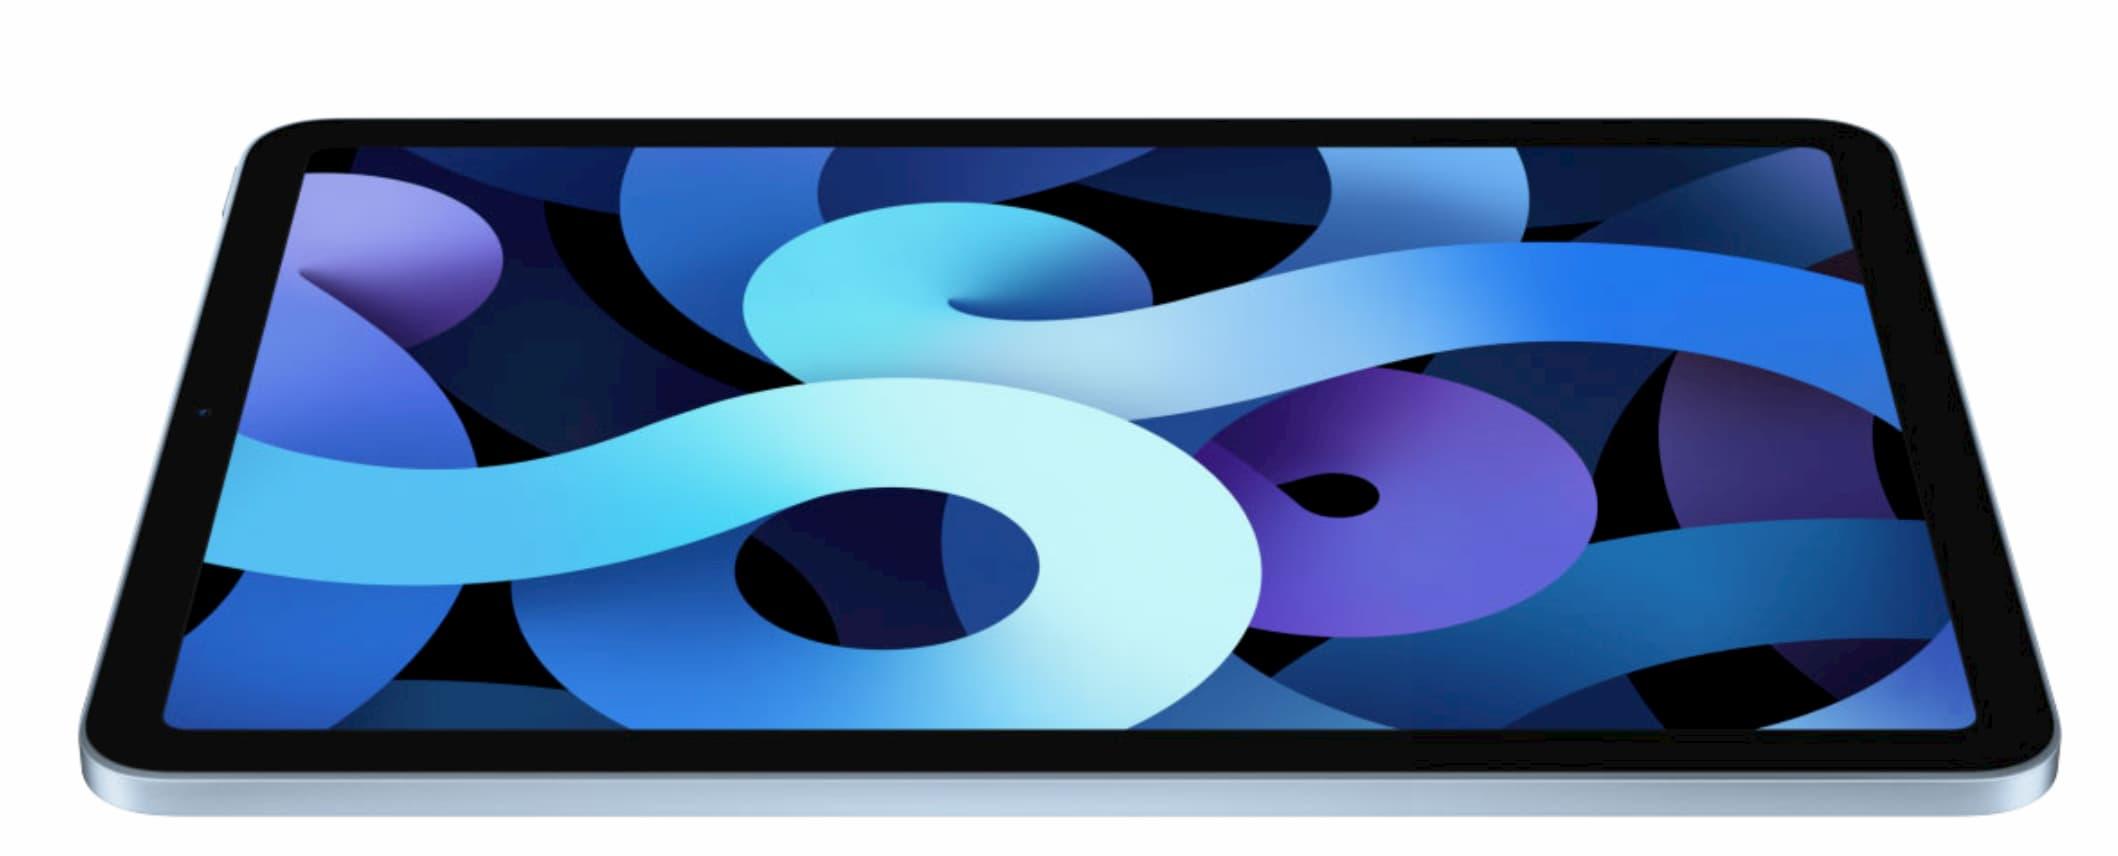 iPad Air 2020 和 iPad Pro 怎麼選?規格分析與購買建議